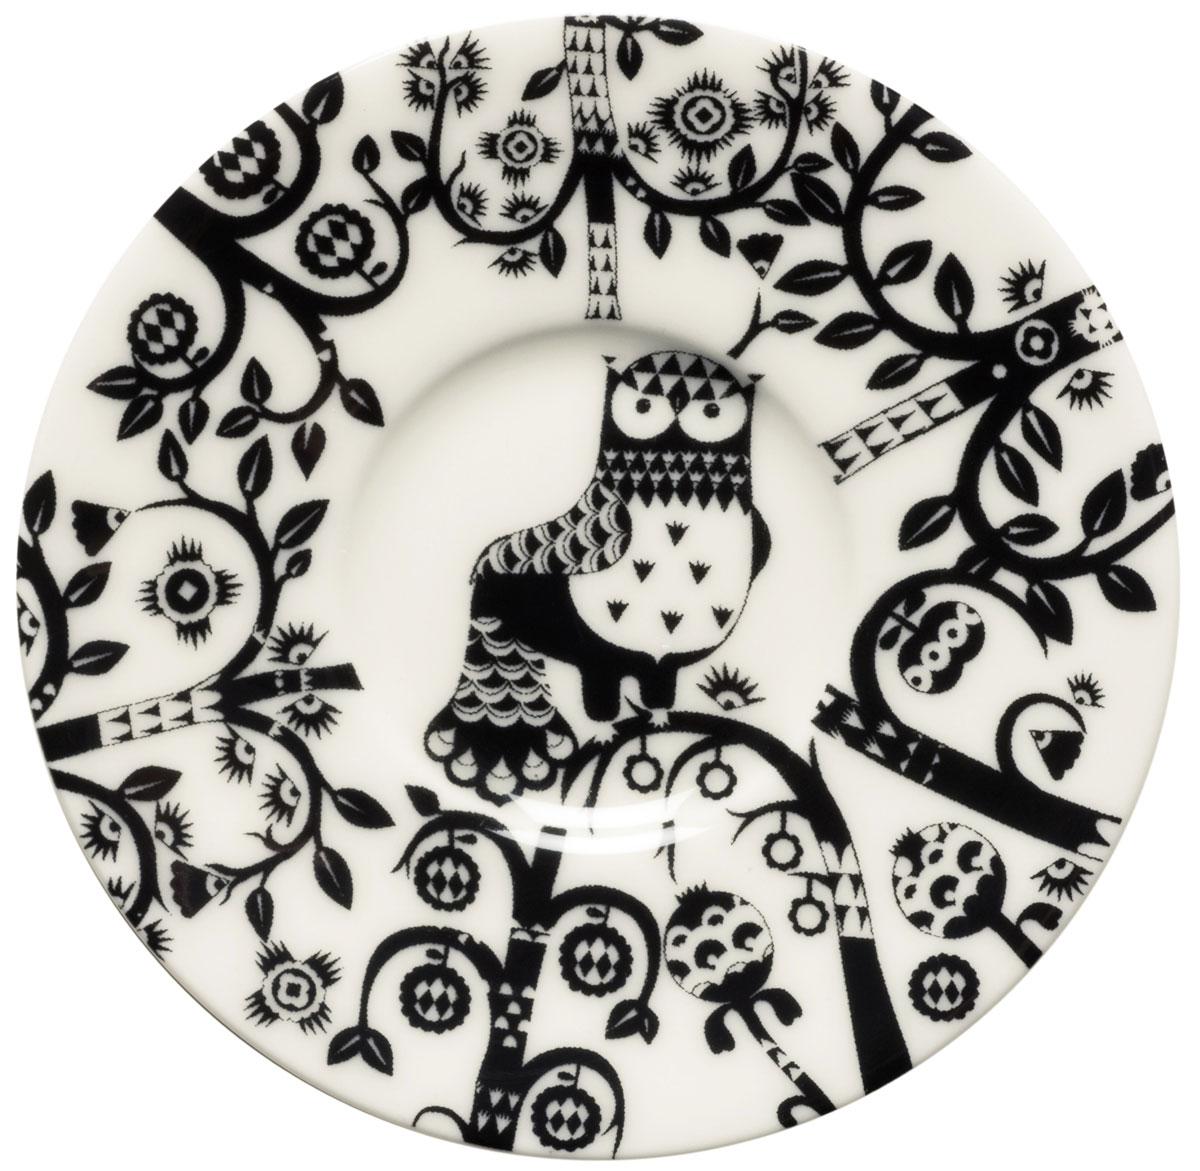 Блюдце Iittala Taika, для кофейной чашки, цвет: черный, диаметр 11 см1012499Блюдце для кофейной чашки Iittala Taika выполнено из качественного жароустойчивого прочного фарфора с долговечным стекловидным эмалевым покрытием. Можно мыть в посудомоечной машине.Диаметр: 11 см.